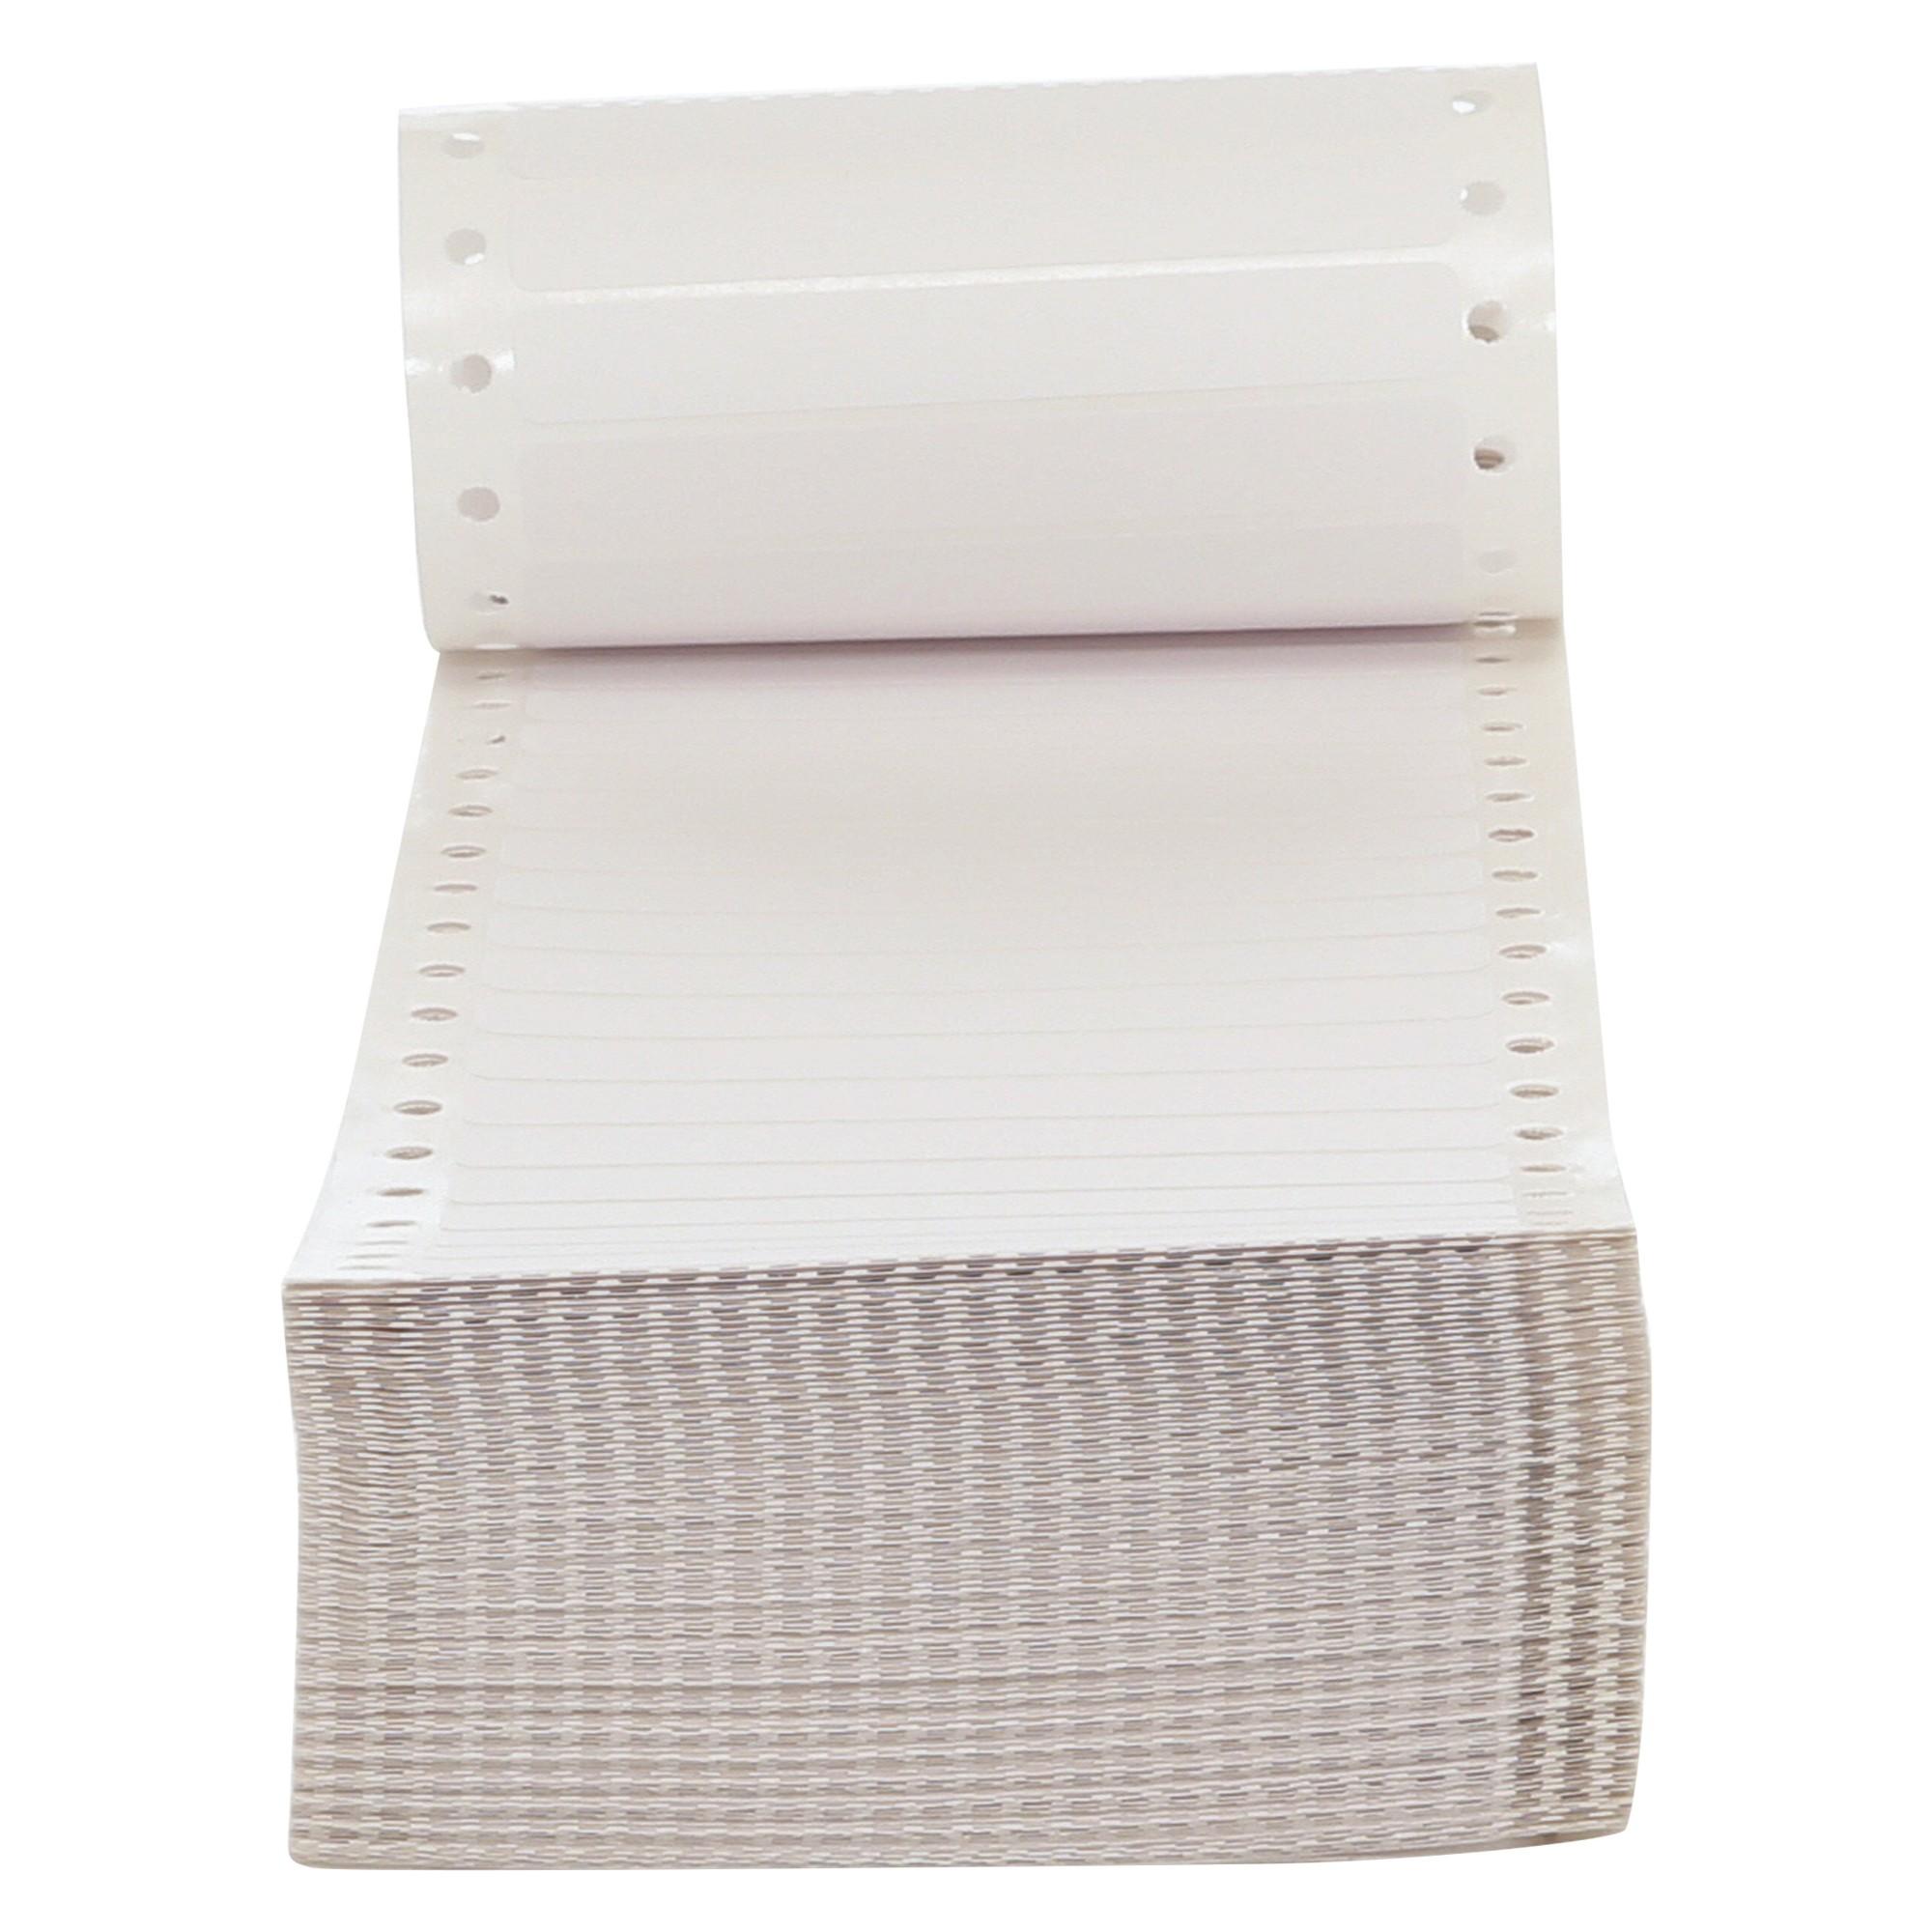 Dot Matrix Printer Labels, 1 Across, 3-1/2 x 7/16, White, 5000/Box